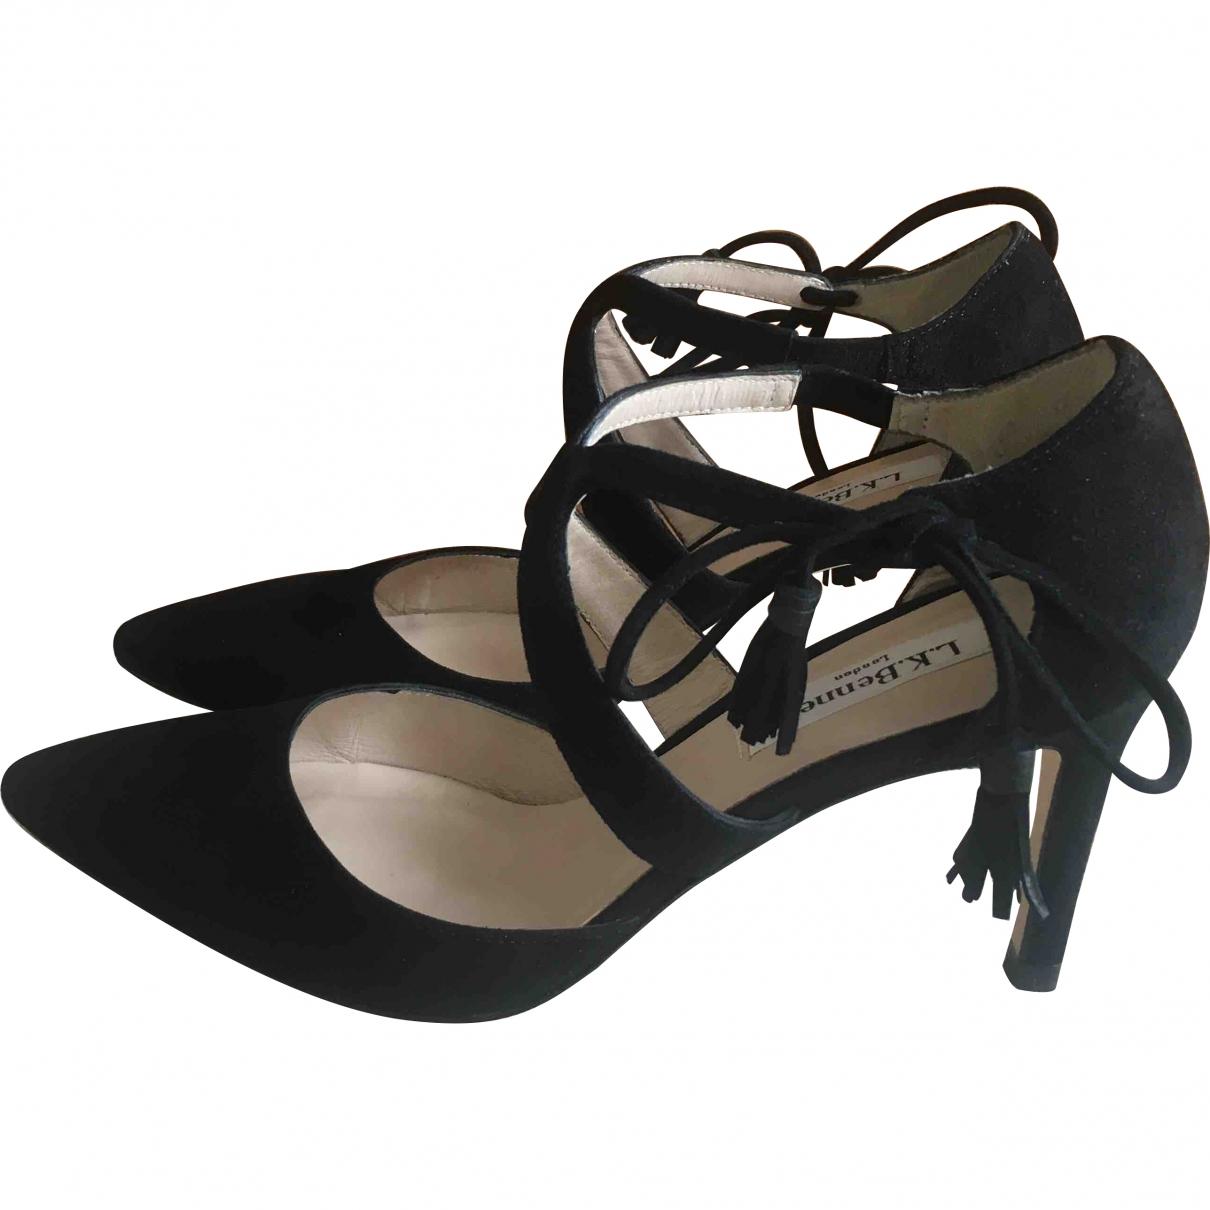 Lk Bennett \N Black Velvet Heels for Women 36.5 EU